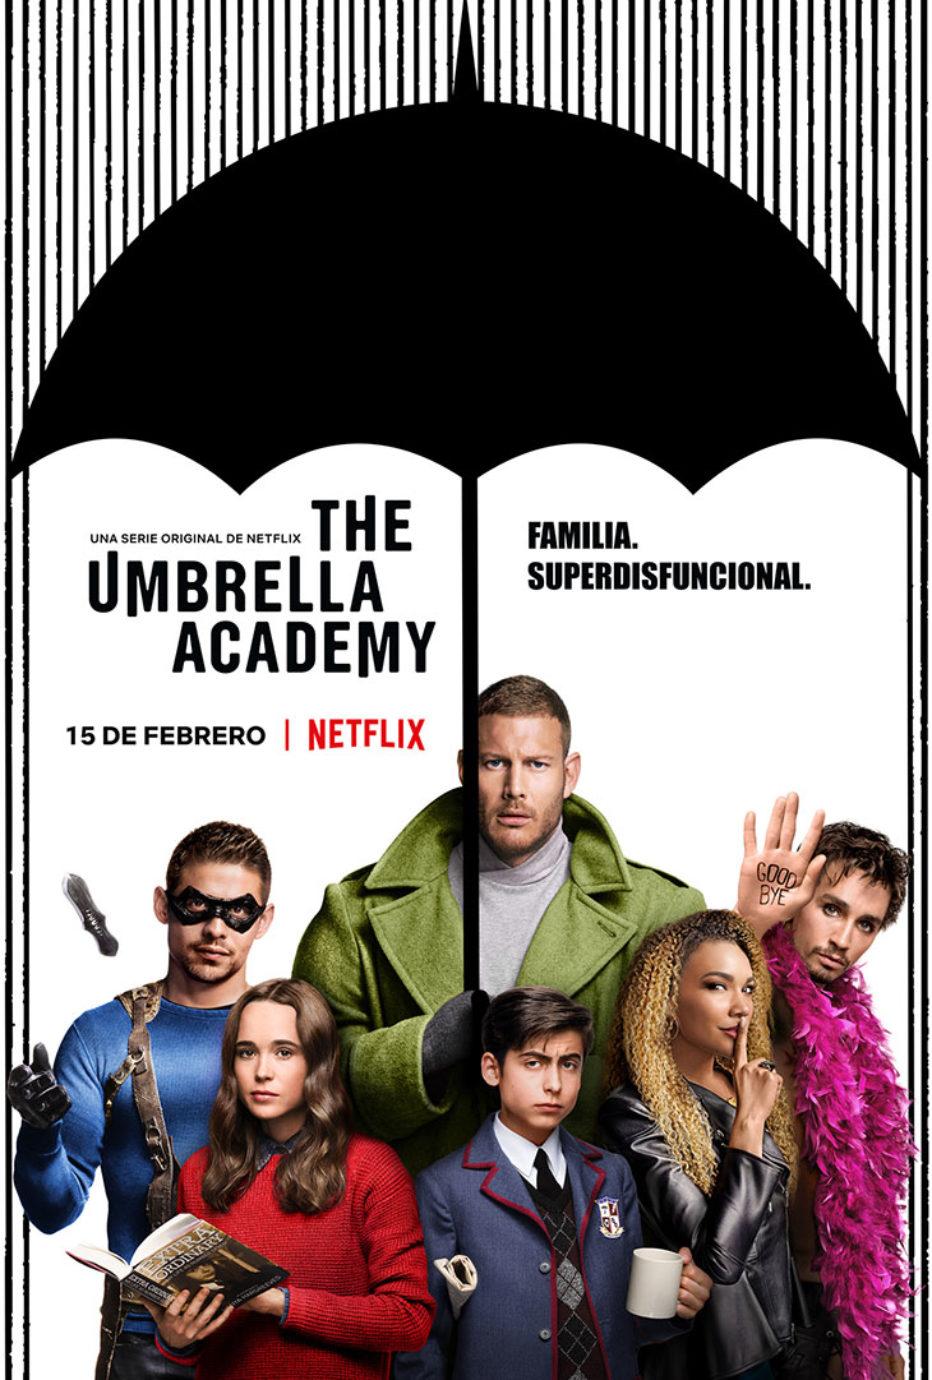 The Umbrella Academy – Season 1